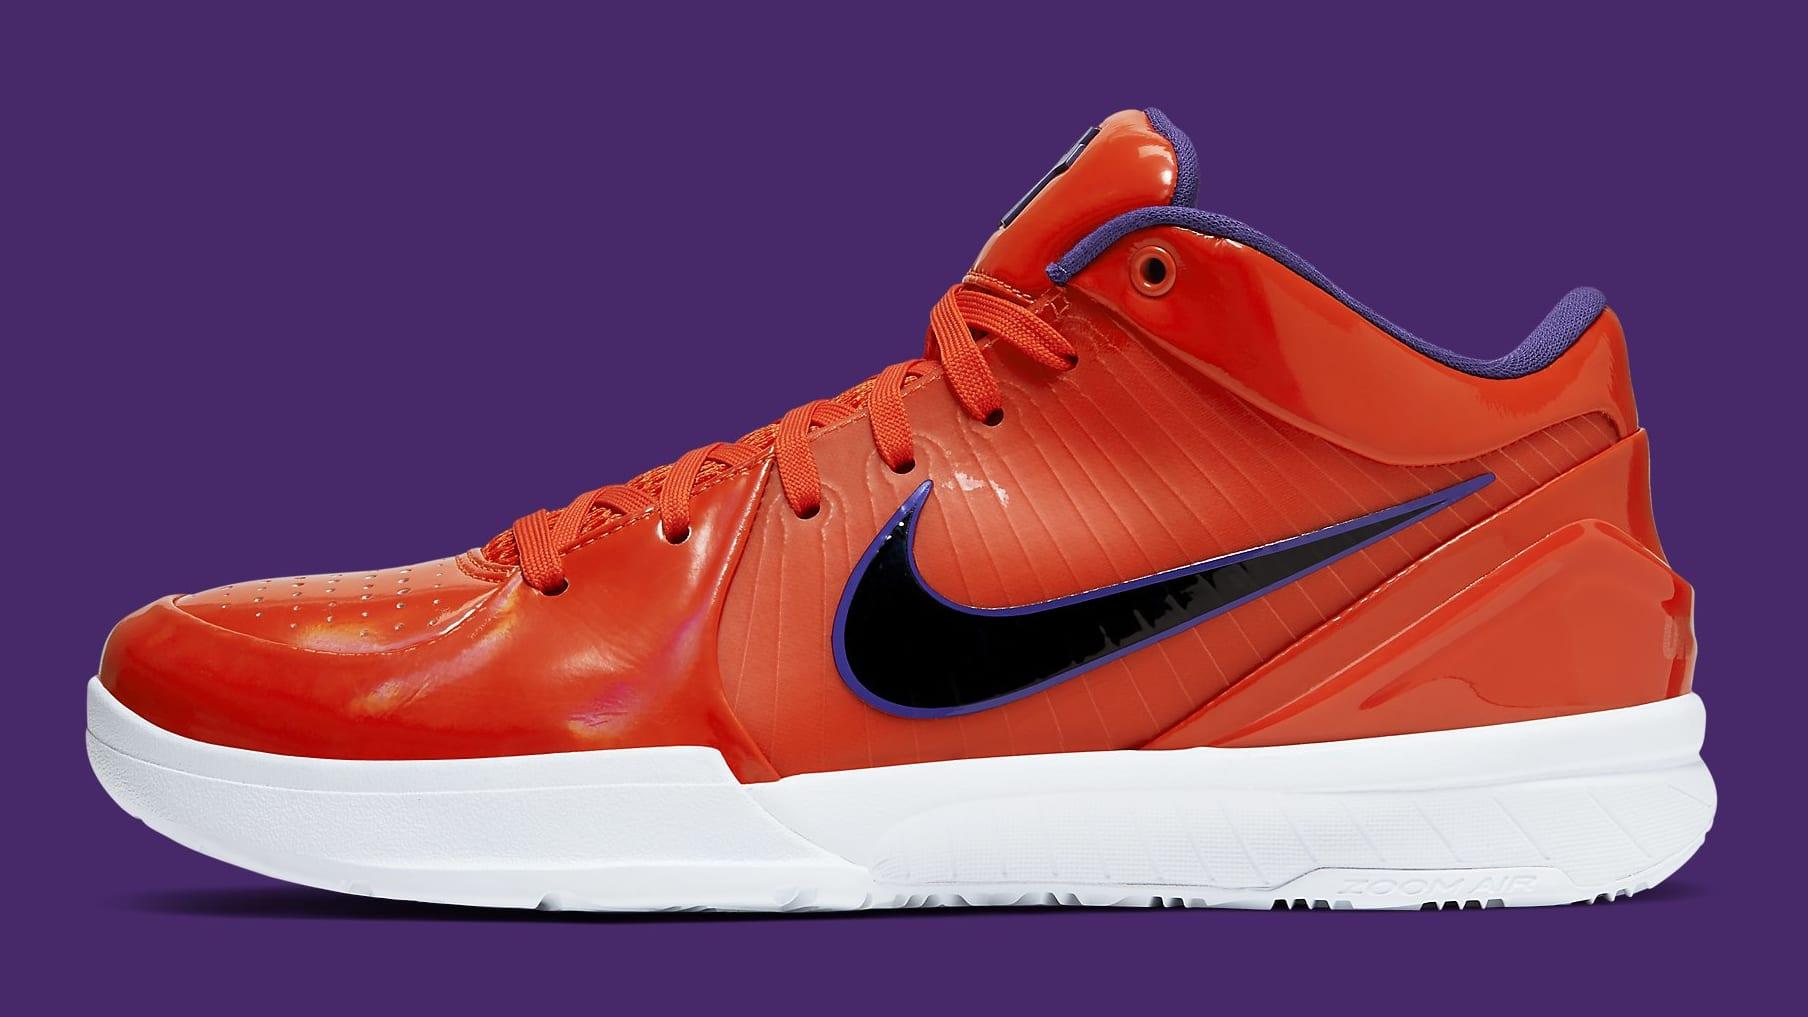 UNDFTD x Nike Kobe 4 Protro Orange Release Date CQ33869-800 Profile